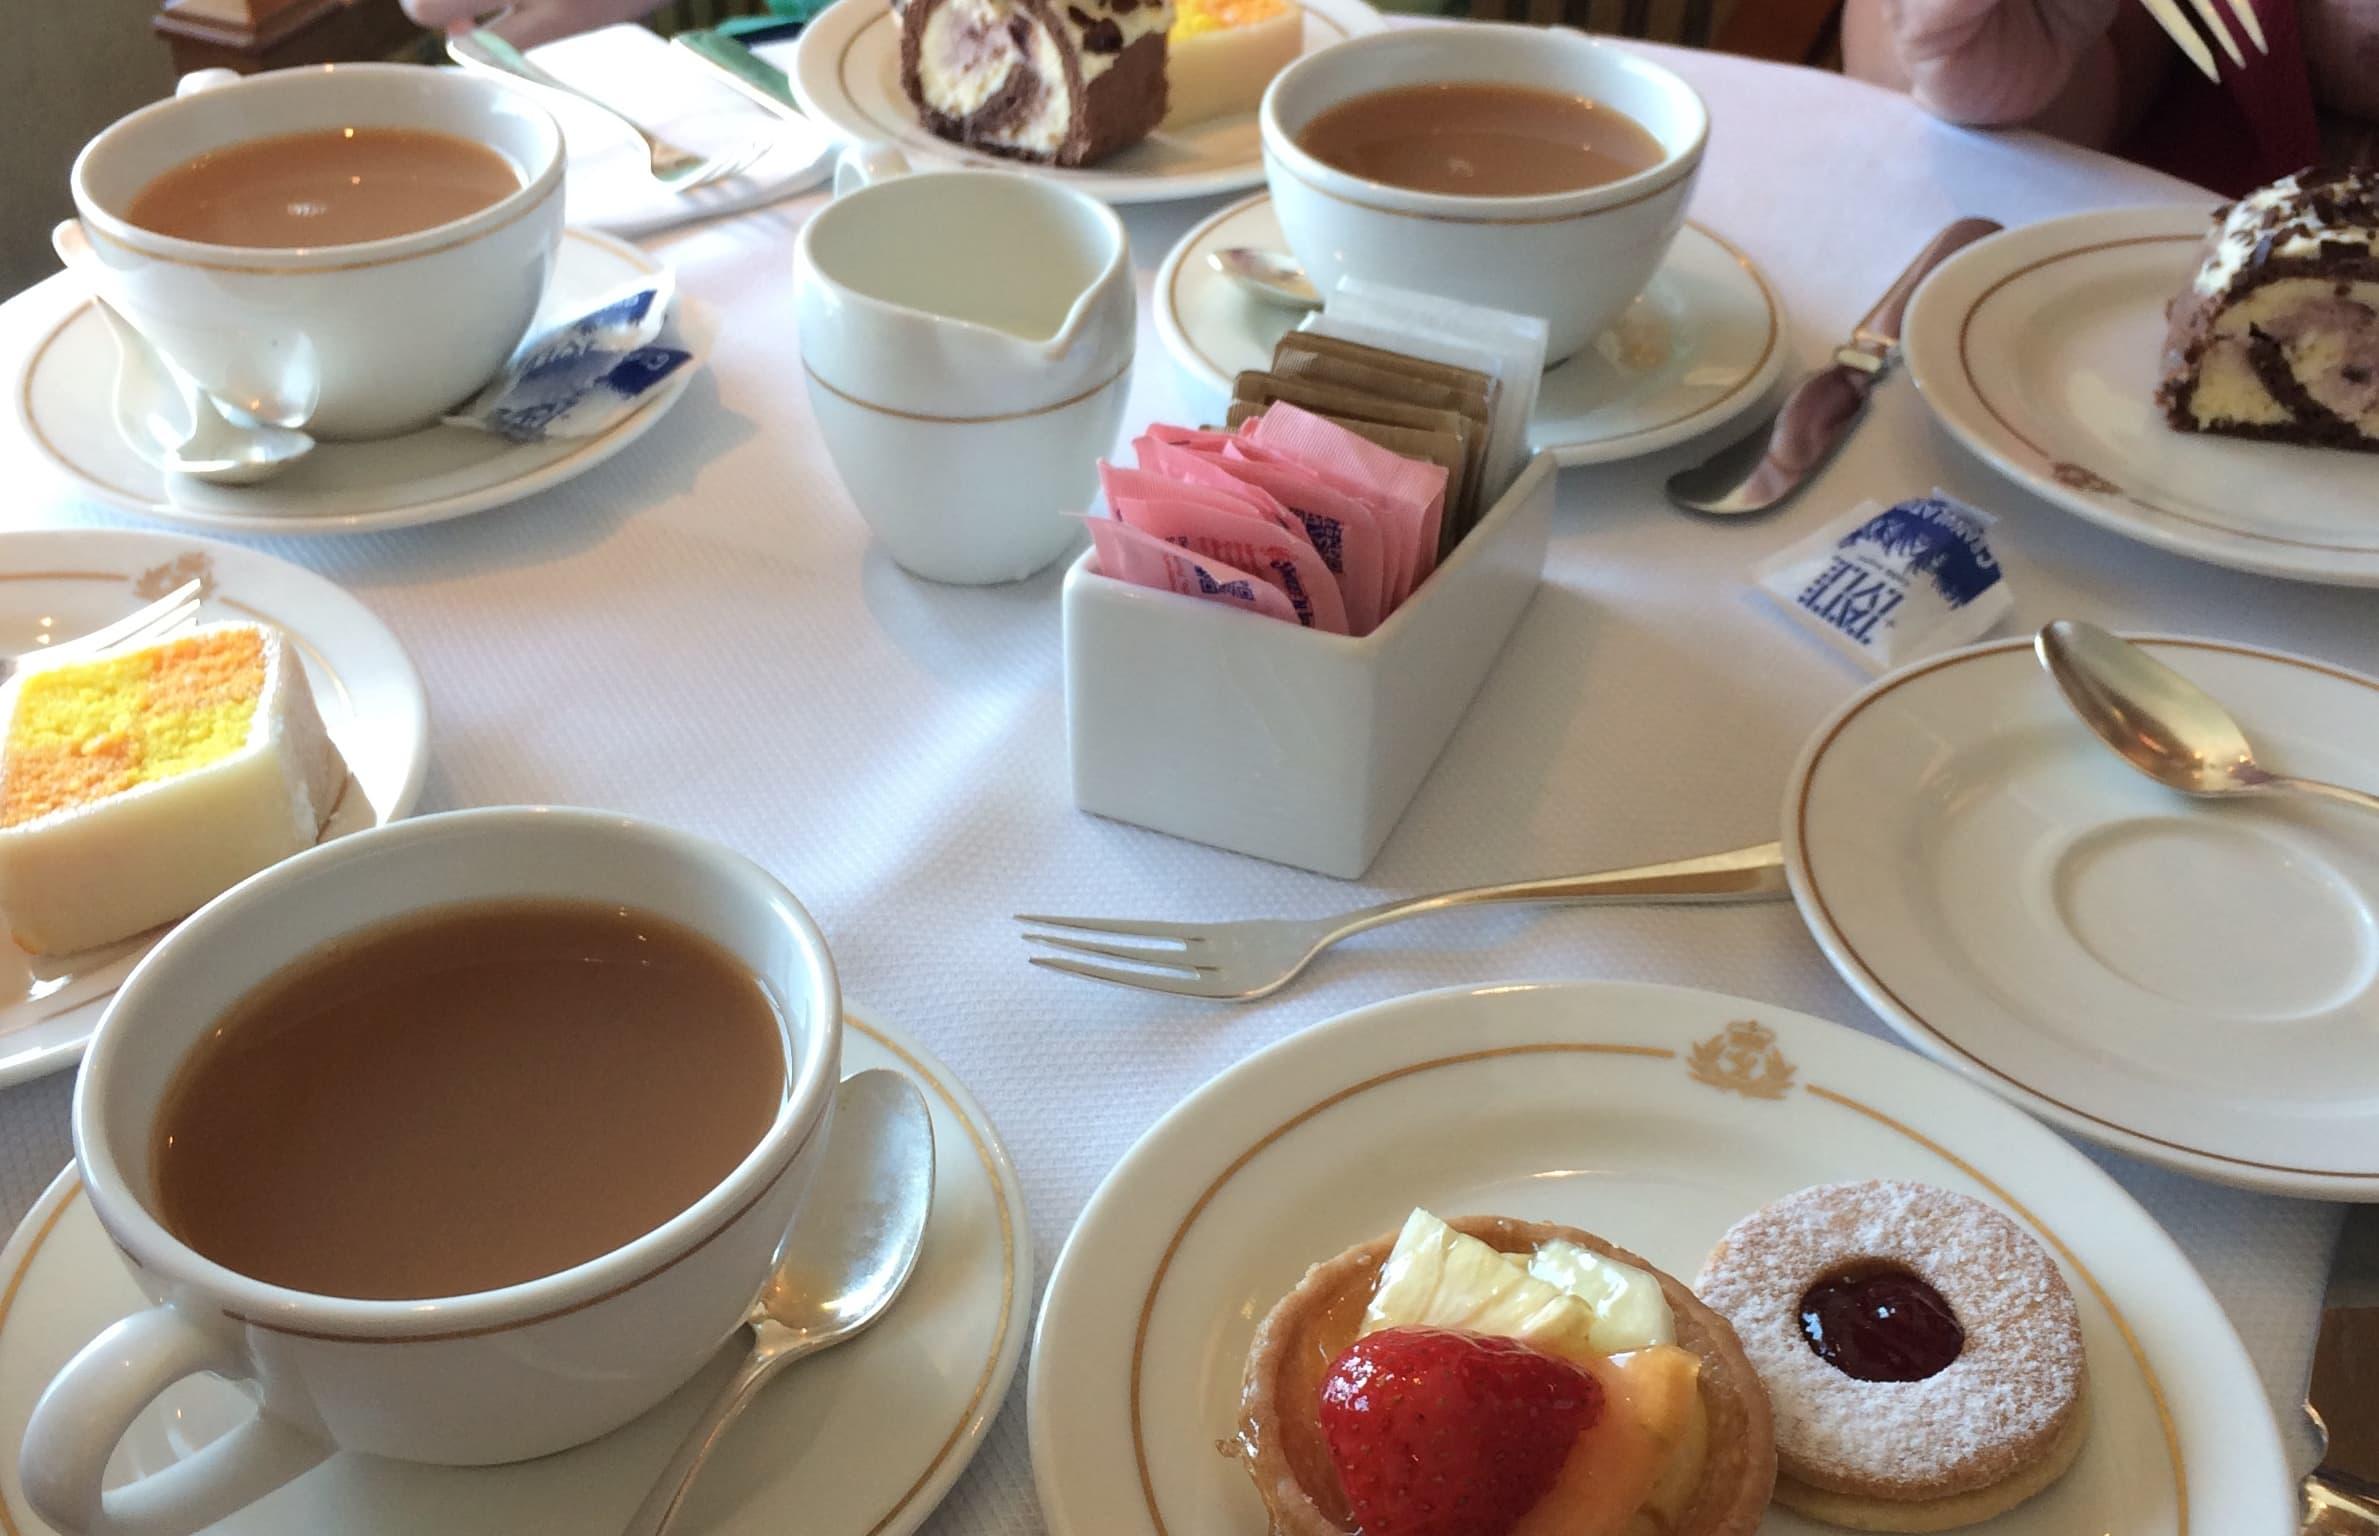 cunard afternoon tea dress code queen victoria